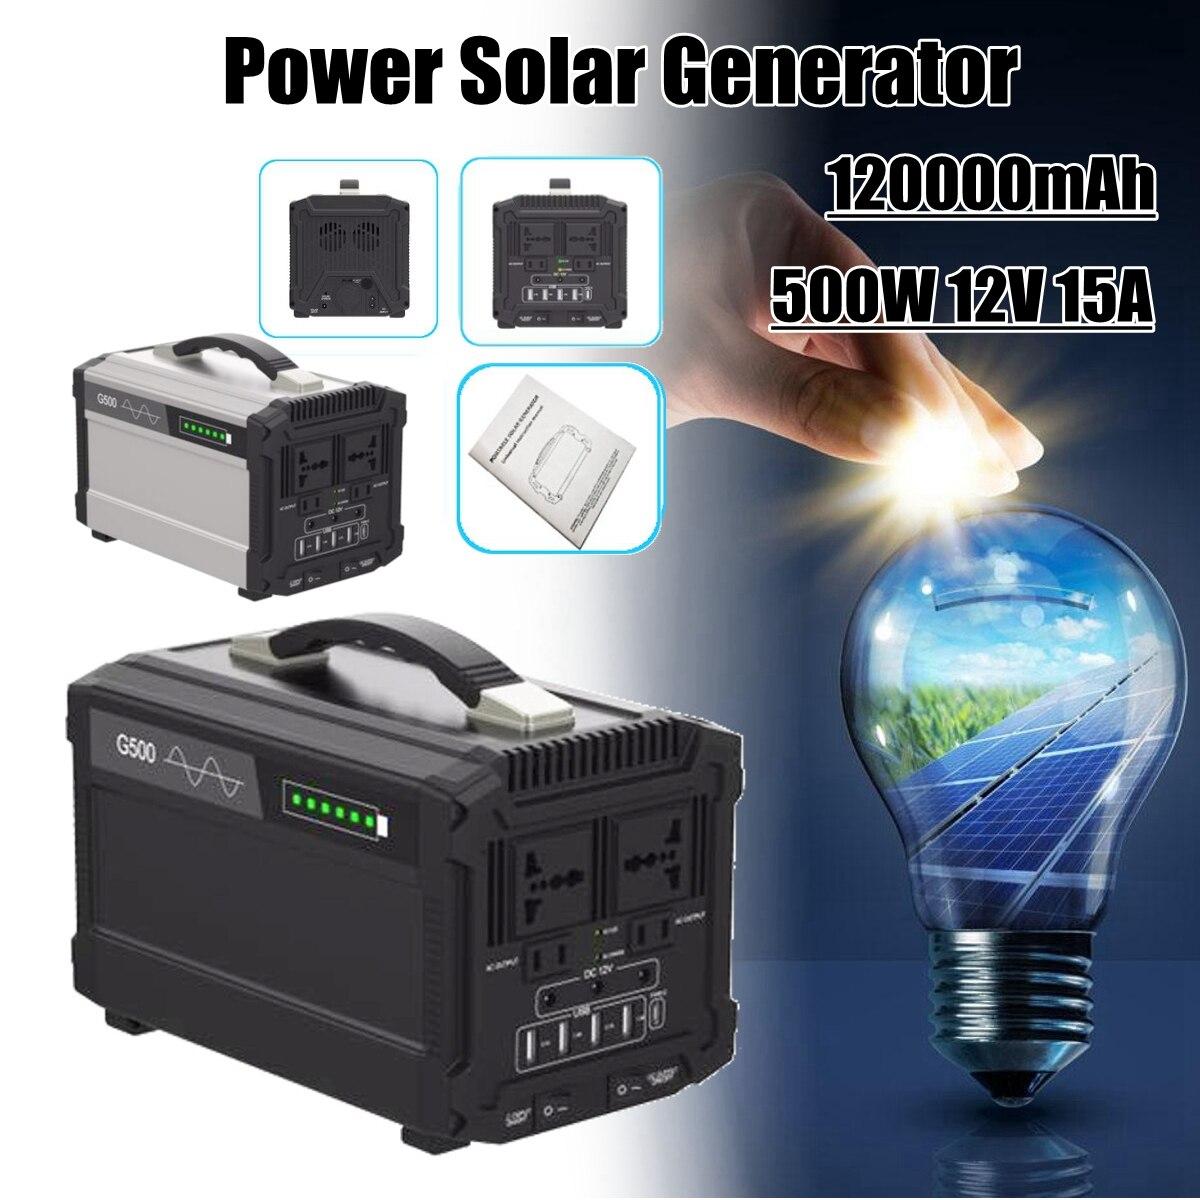 444Wh 120000 mah 500 w 12 v 15A di Accumulo di Energia Casa Outdoor Portatile di Potere Solare Generatore di Carica Più Veloce